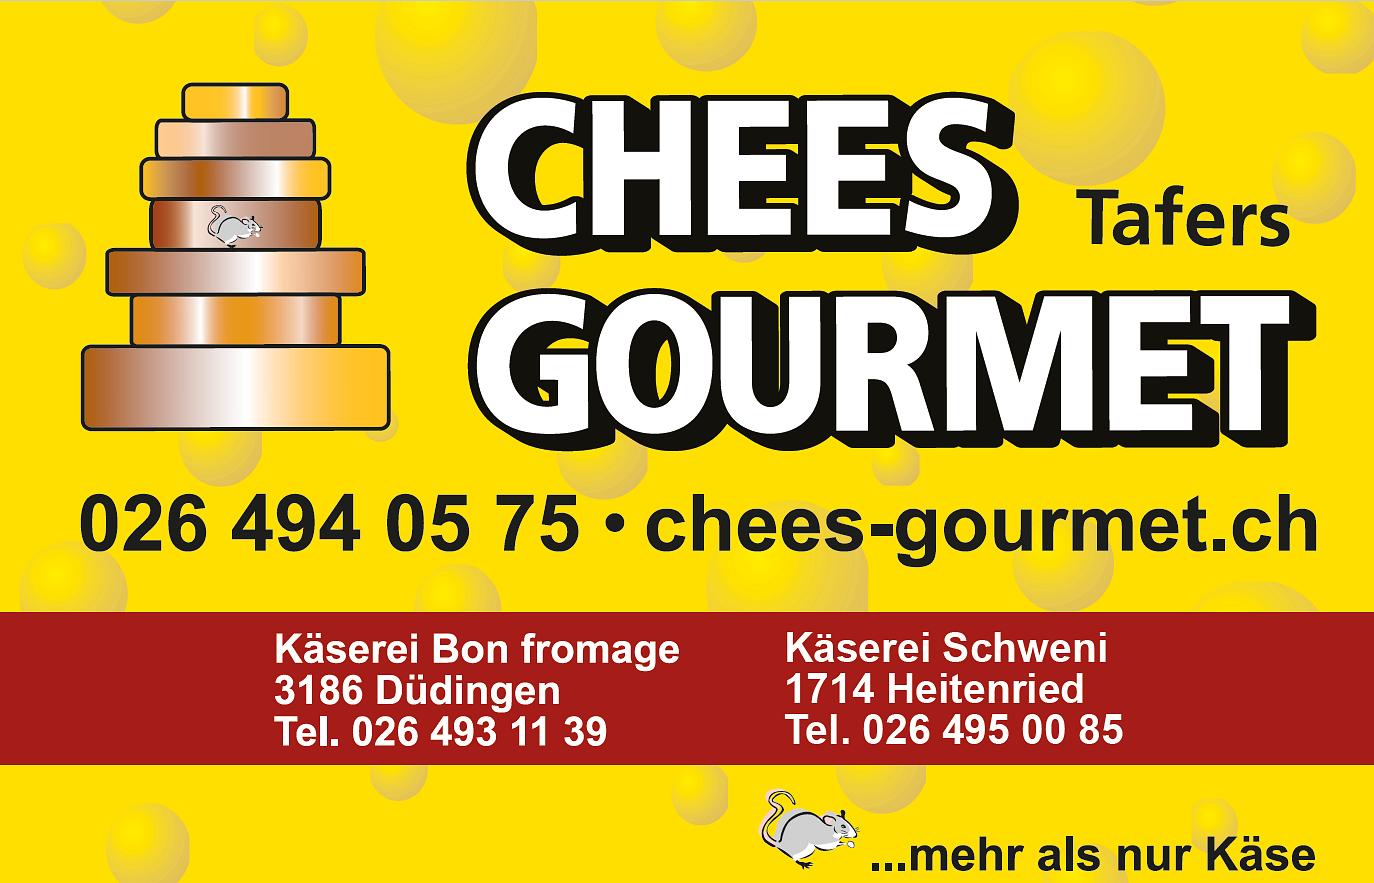 Chees Gourmet GmbH